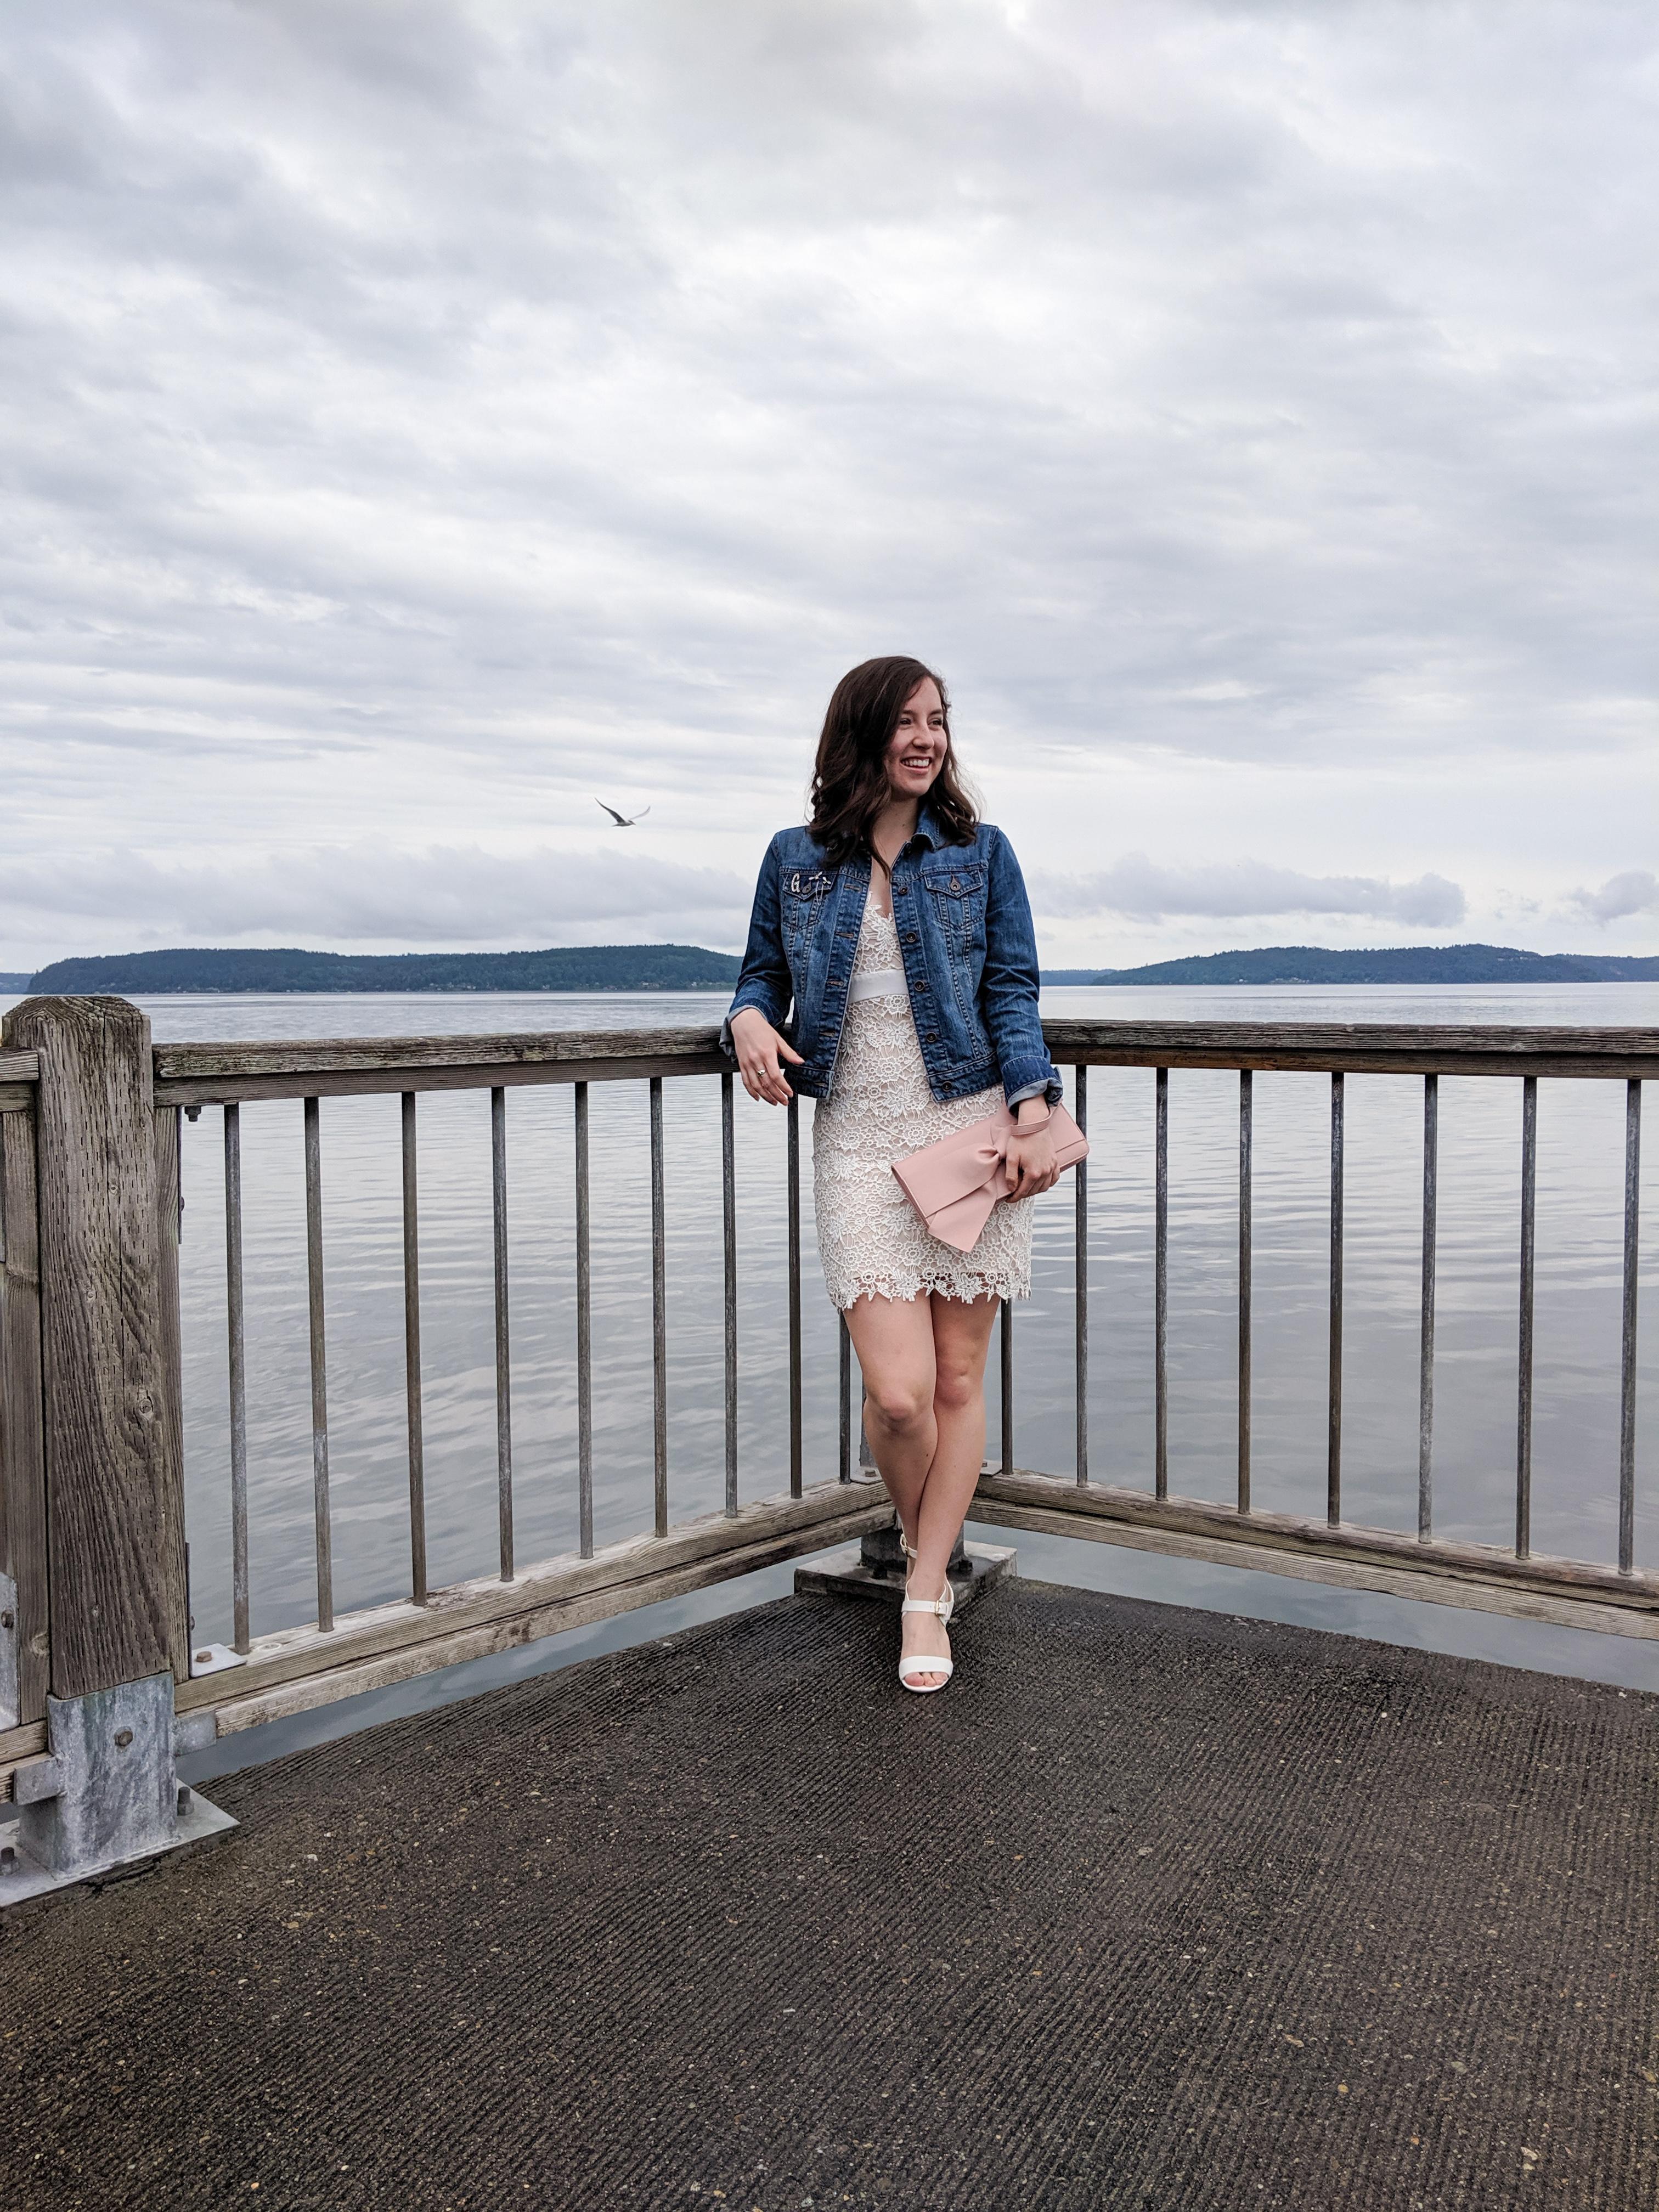 Puget Sound, graduation outfit, fancy dress, blush clutch